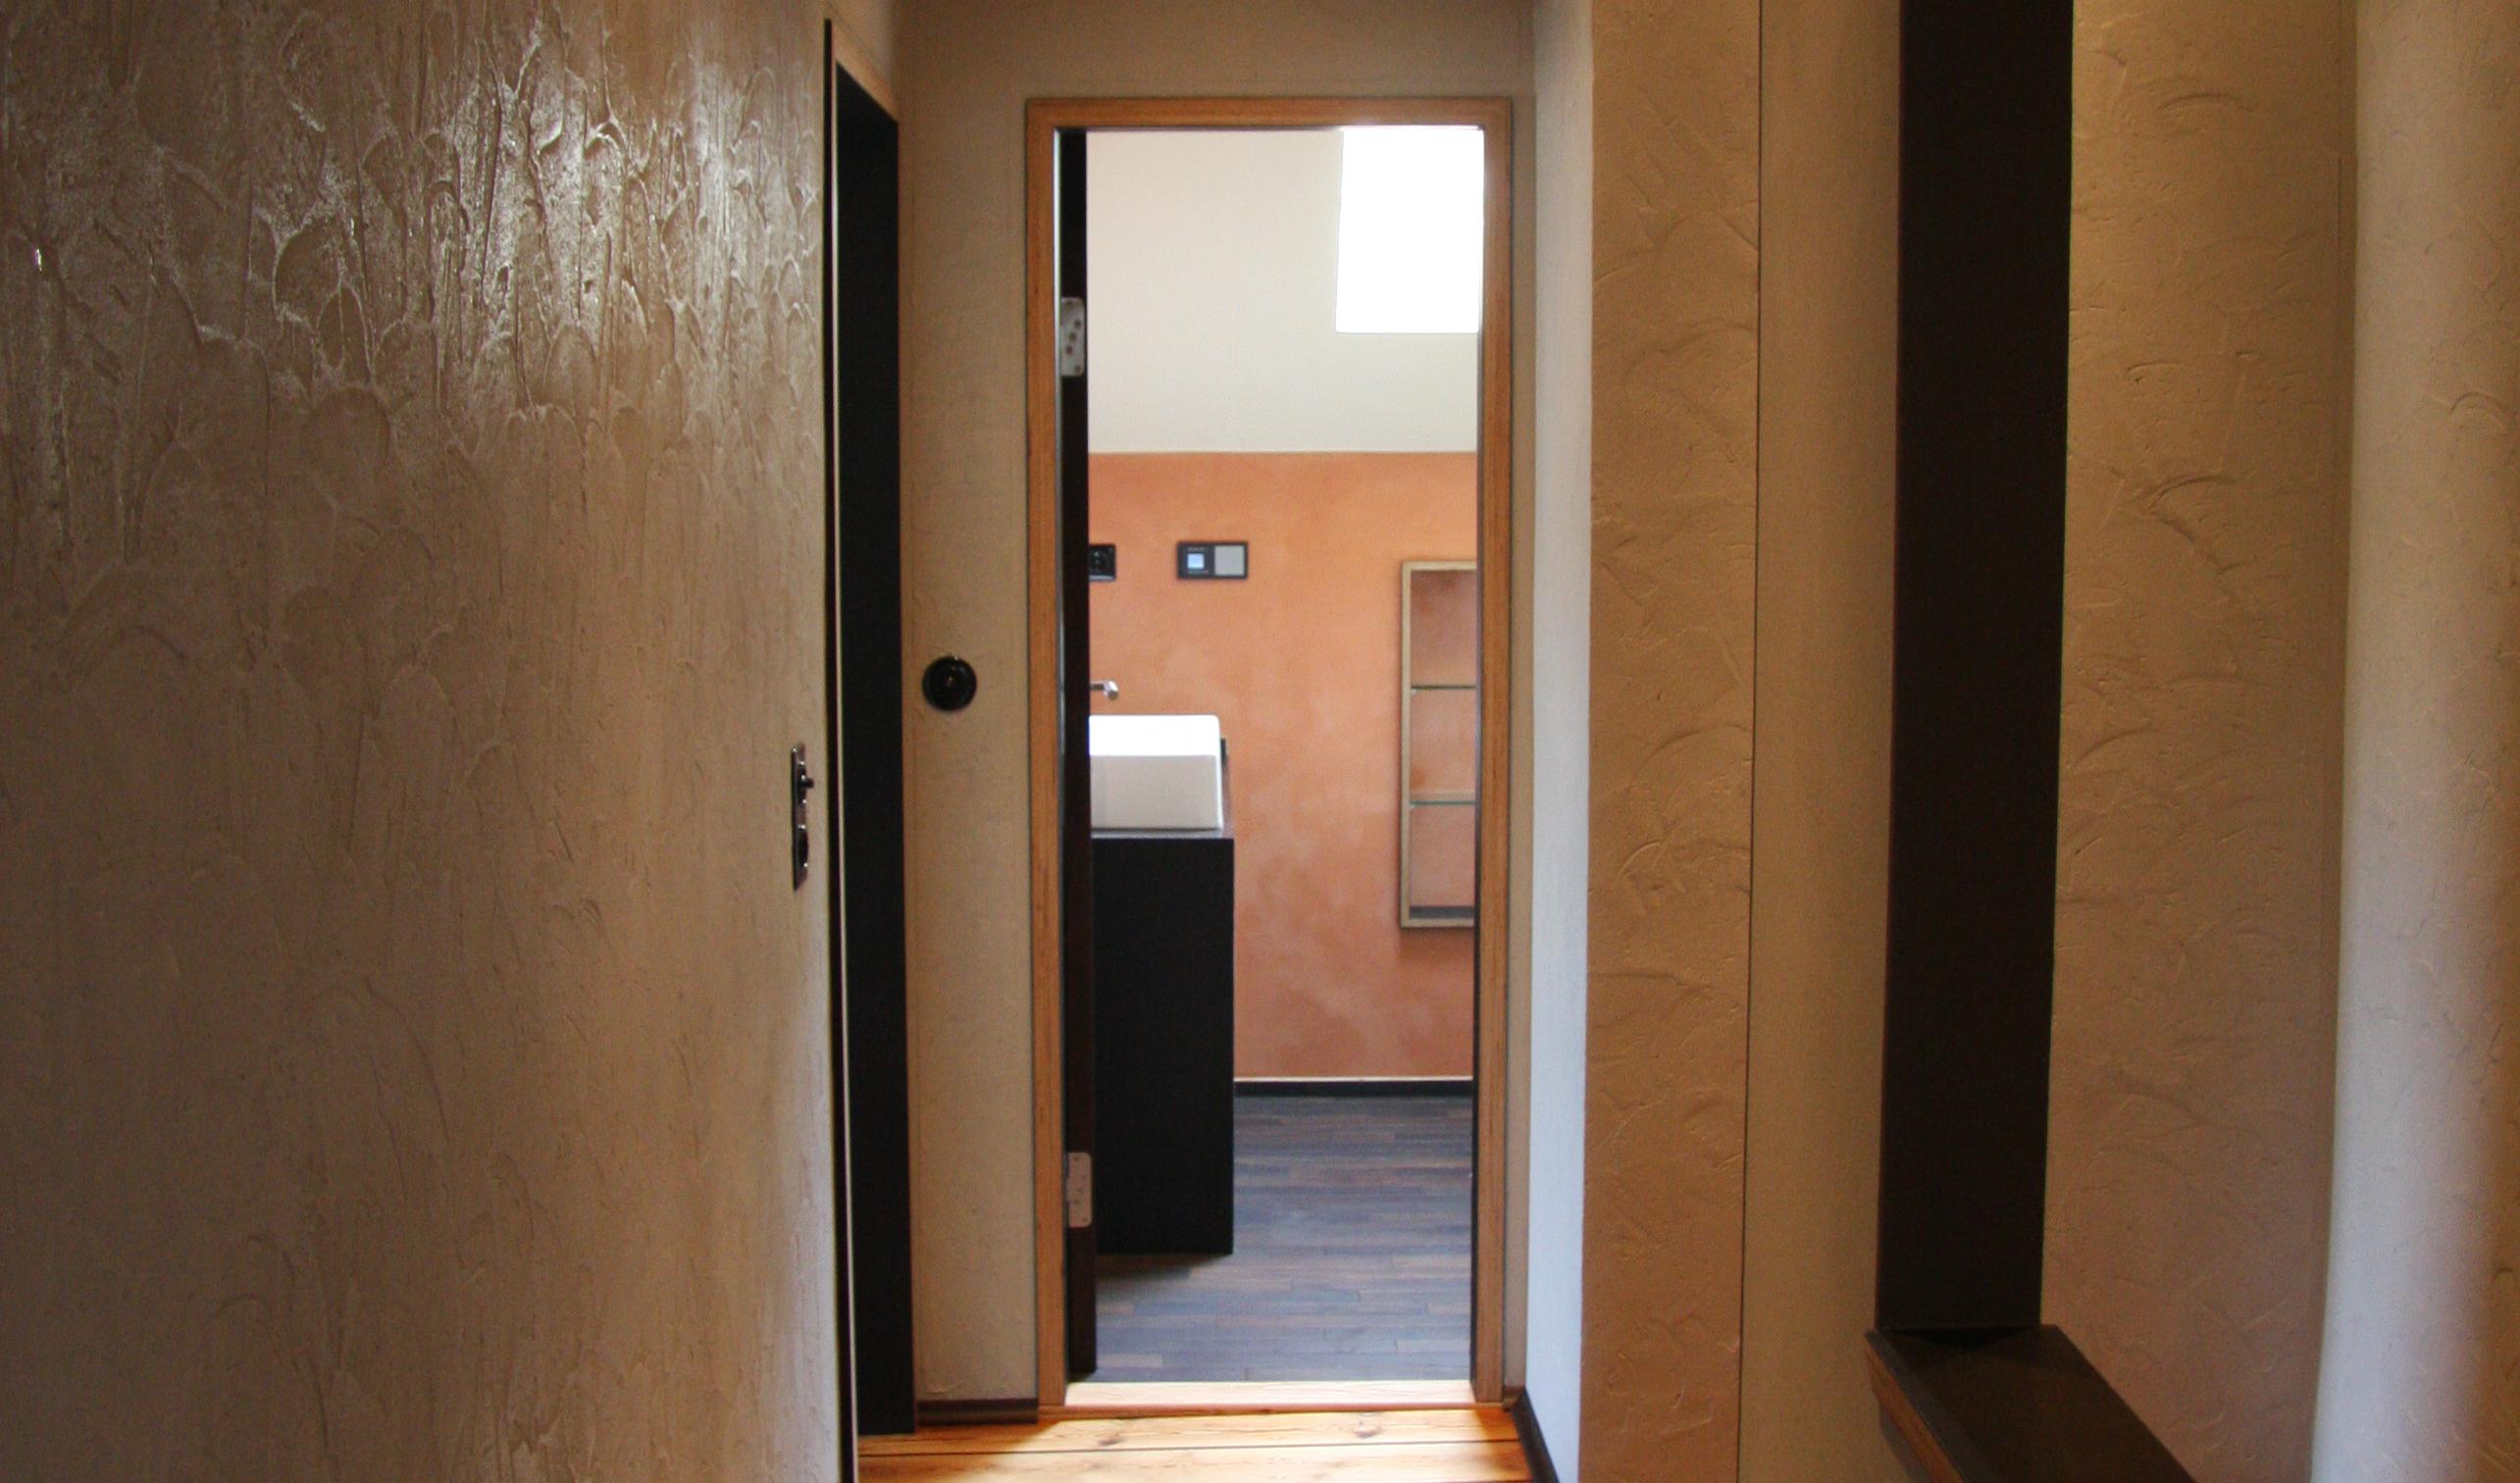 lehmputz streichen foto claytec mit und lehmfarben lassen sich wnde streichen und sorgen so fr. Black Bedroom Furniture Sets. Home Design Ideas